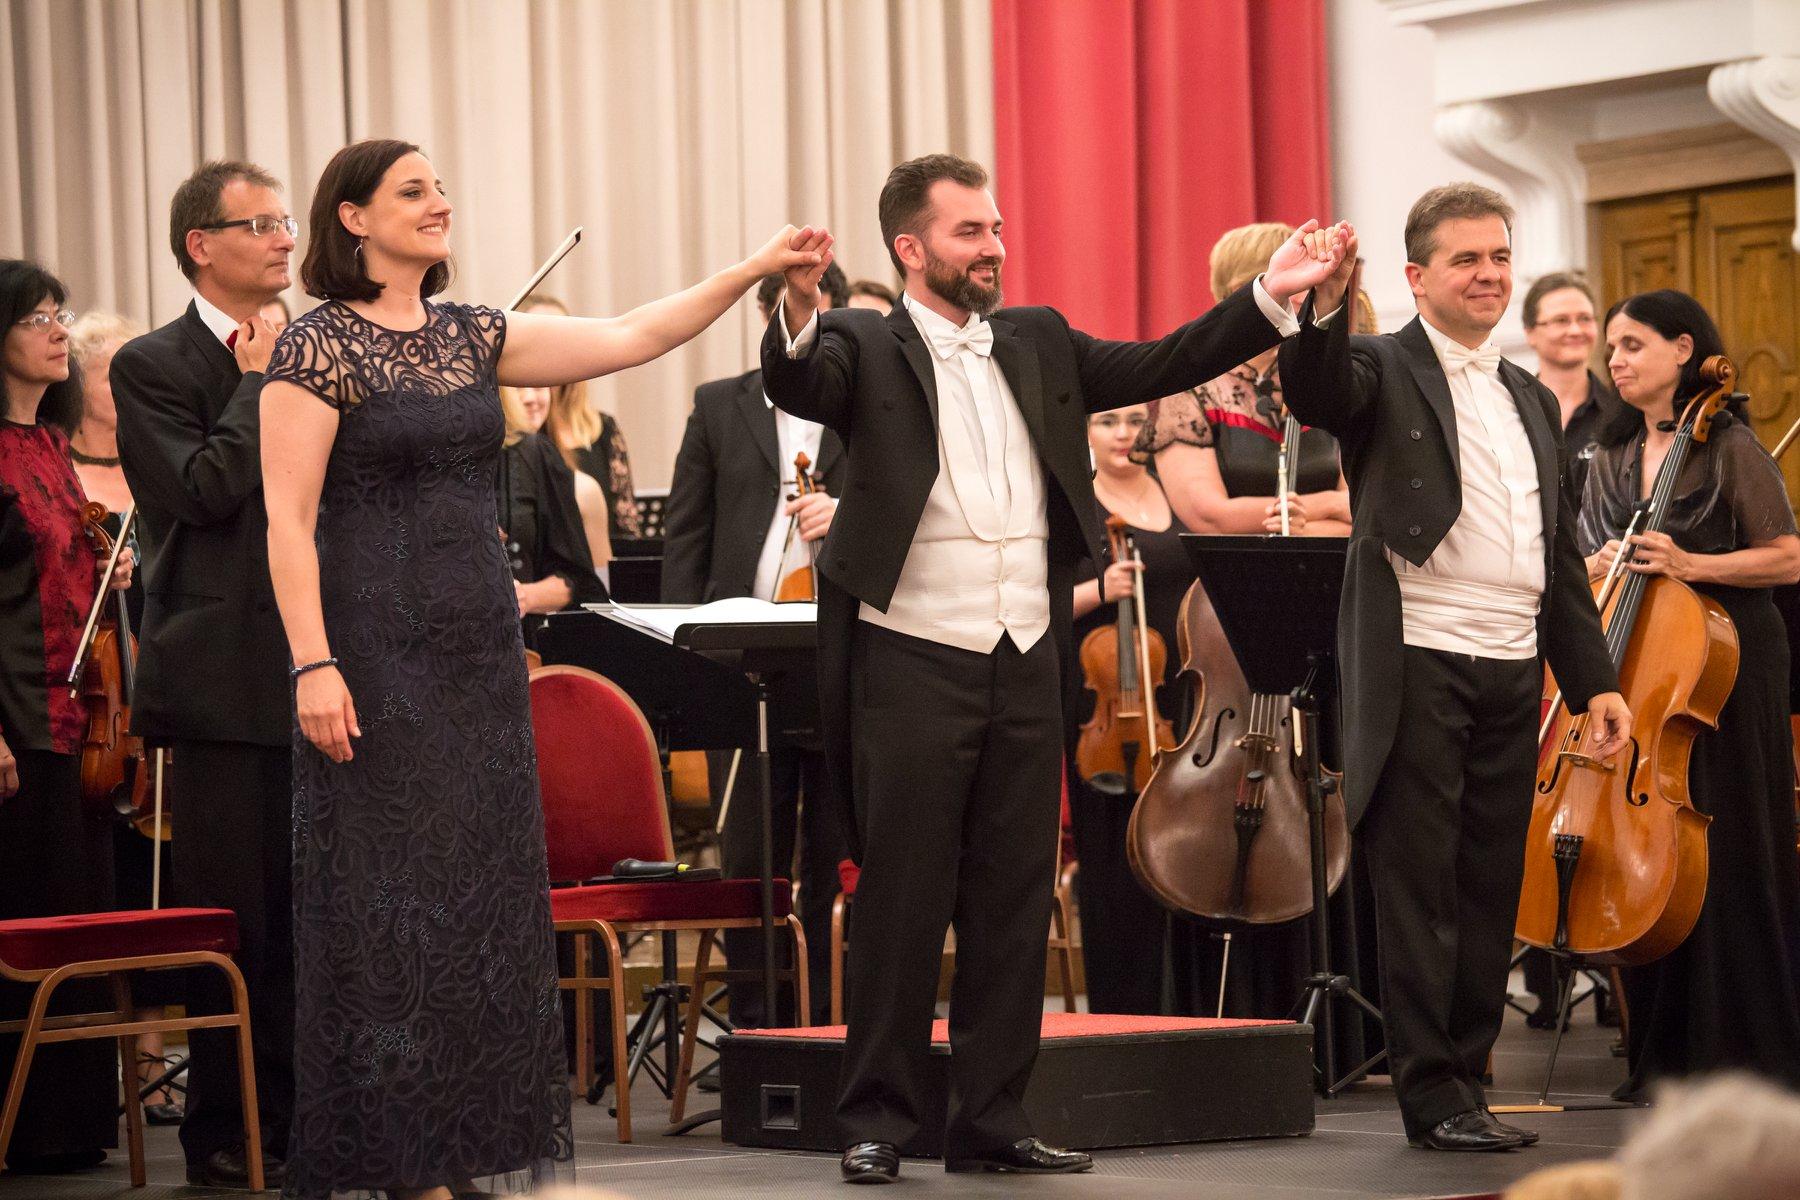 A Gödöllői Szimfonikus Zenekar koncertje